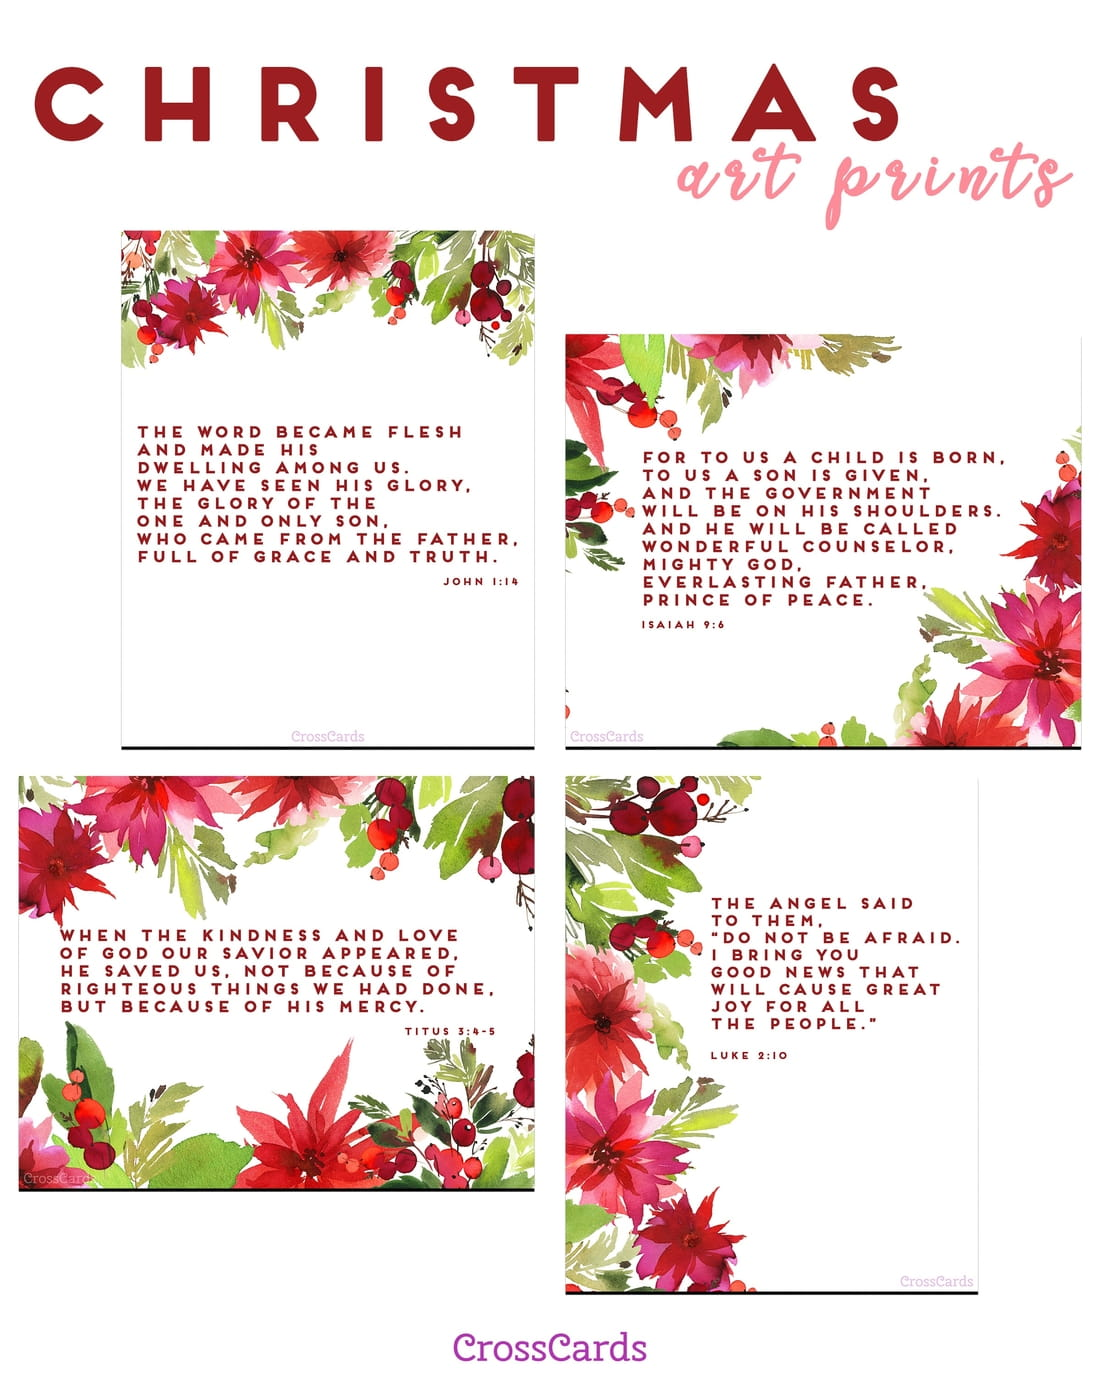 Christmas Art Prints - Free Printable